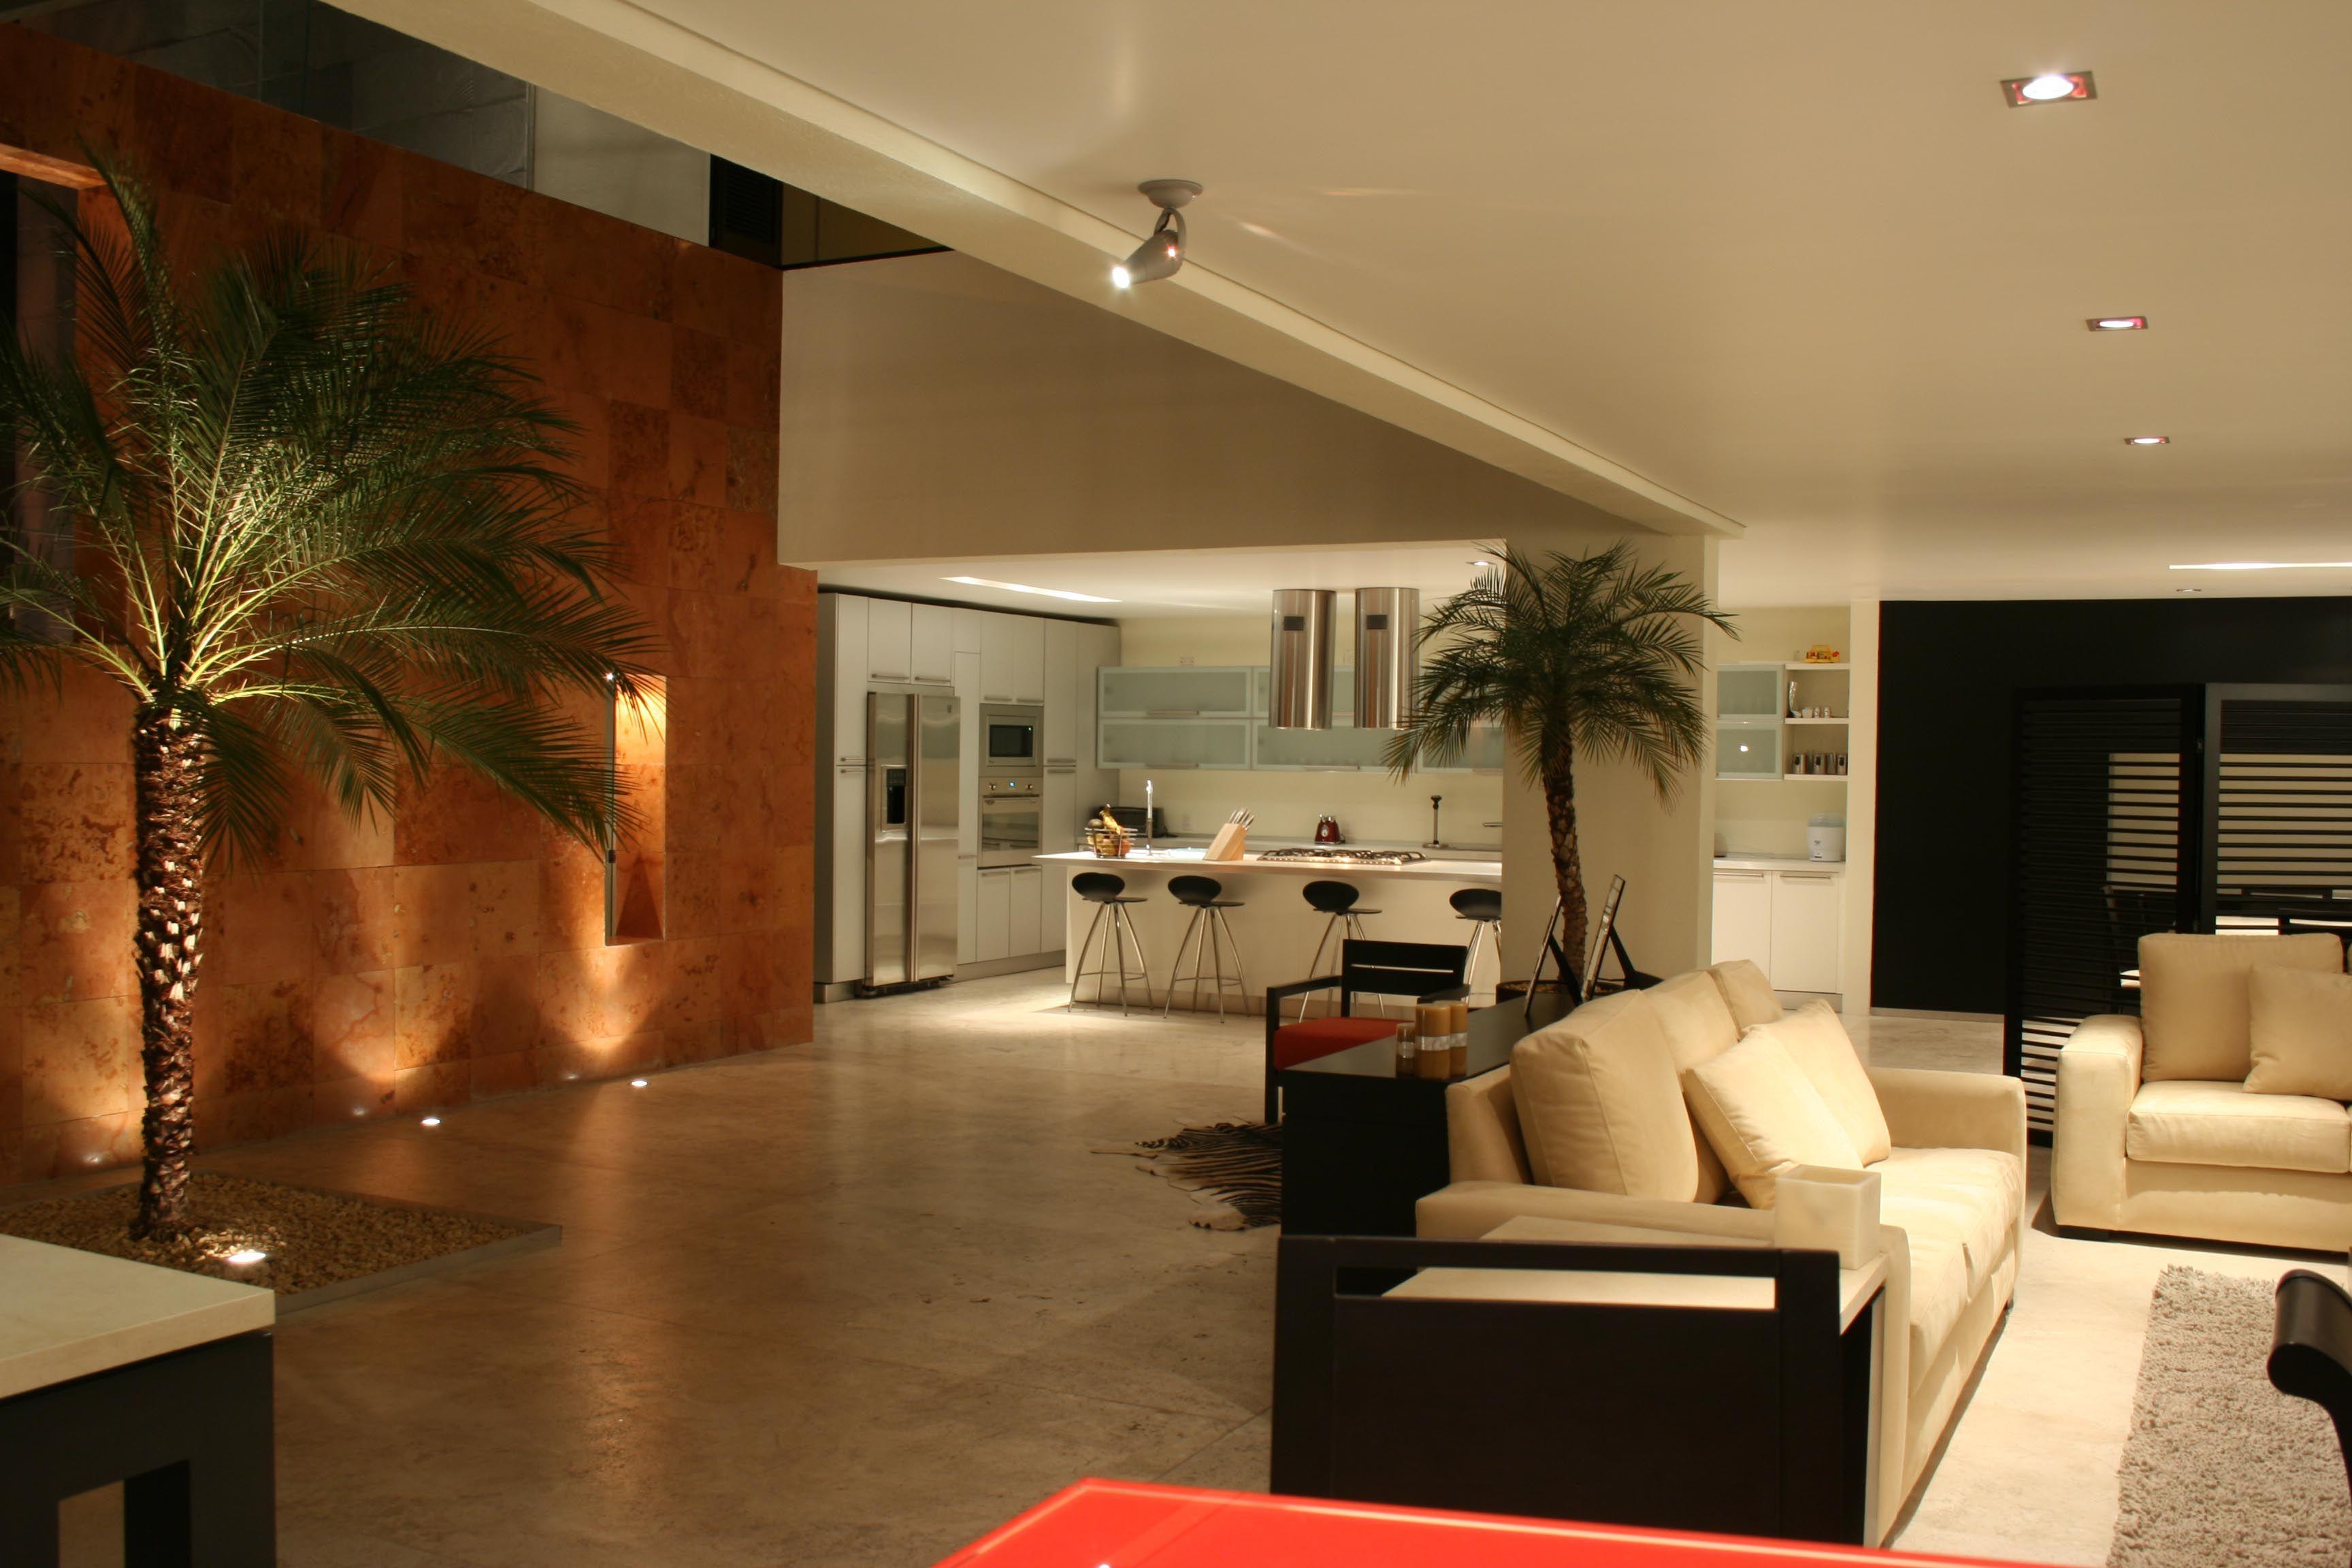 Dise O Interior De Bares Buscar Con Google My House  ~ Decoracion De Interiores De Casas